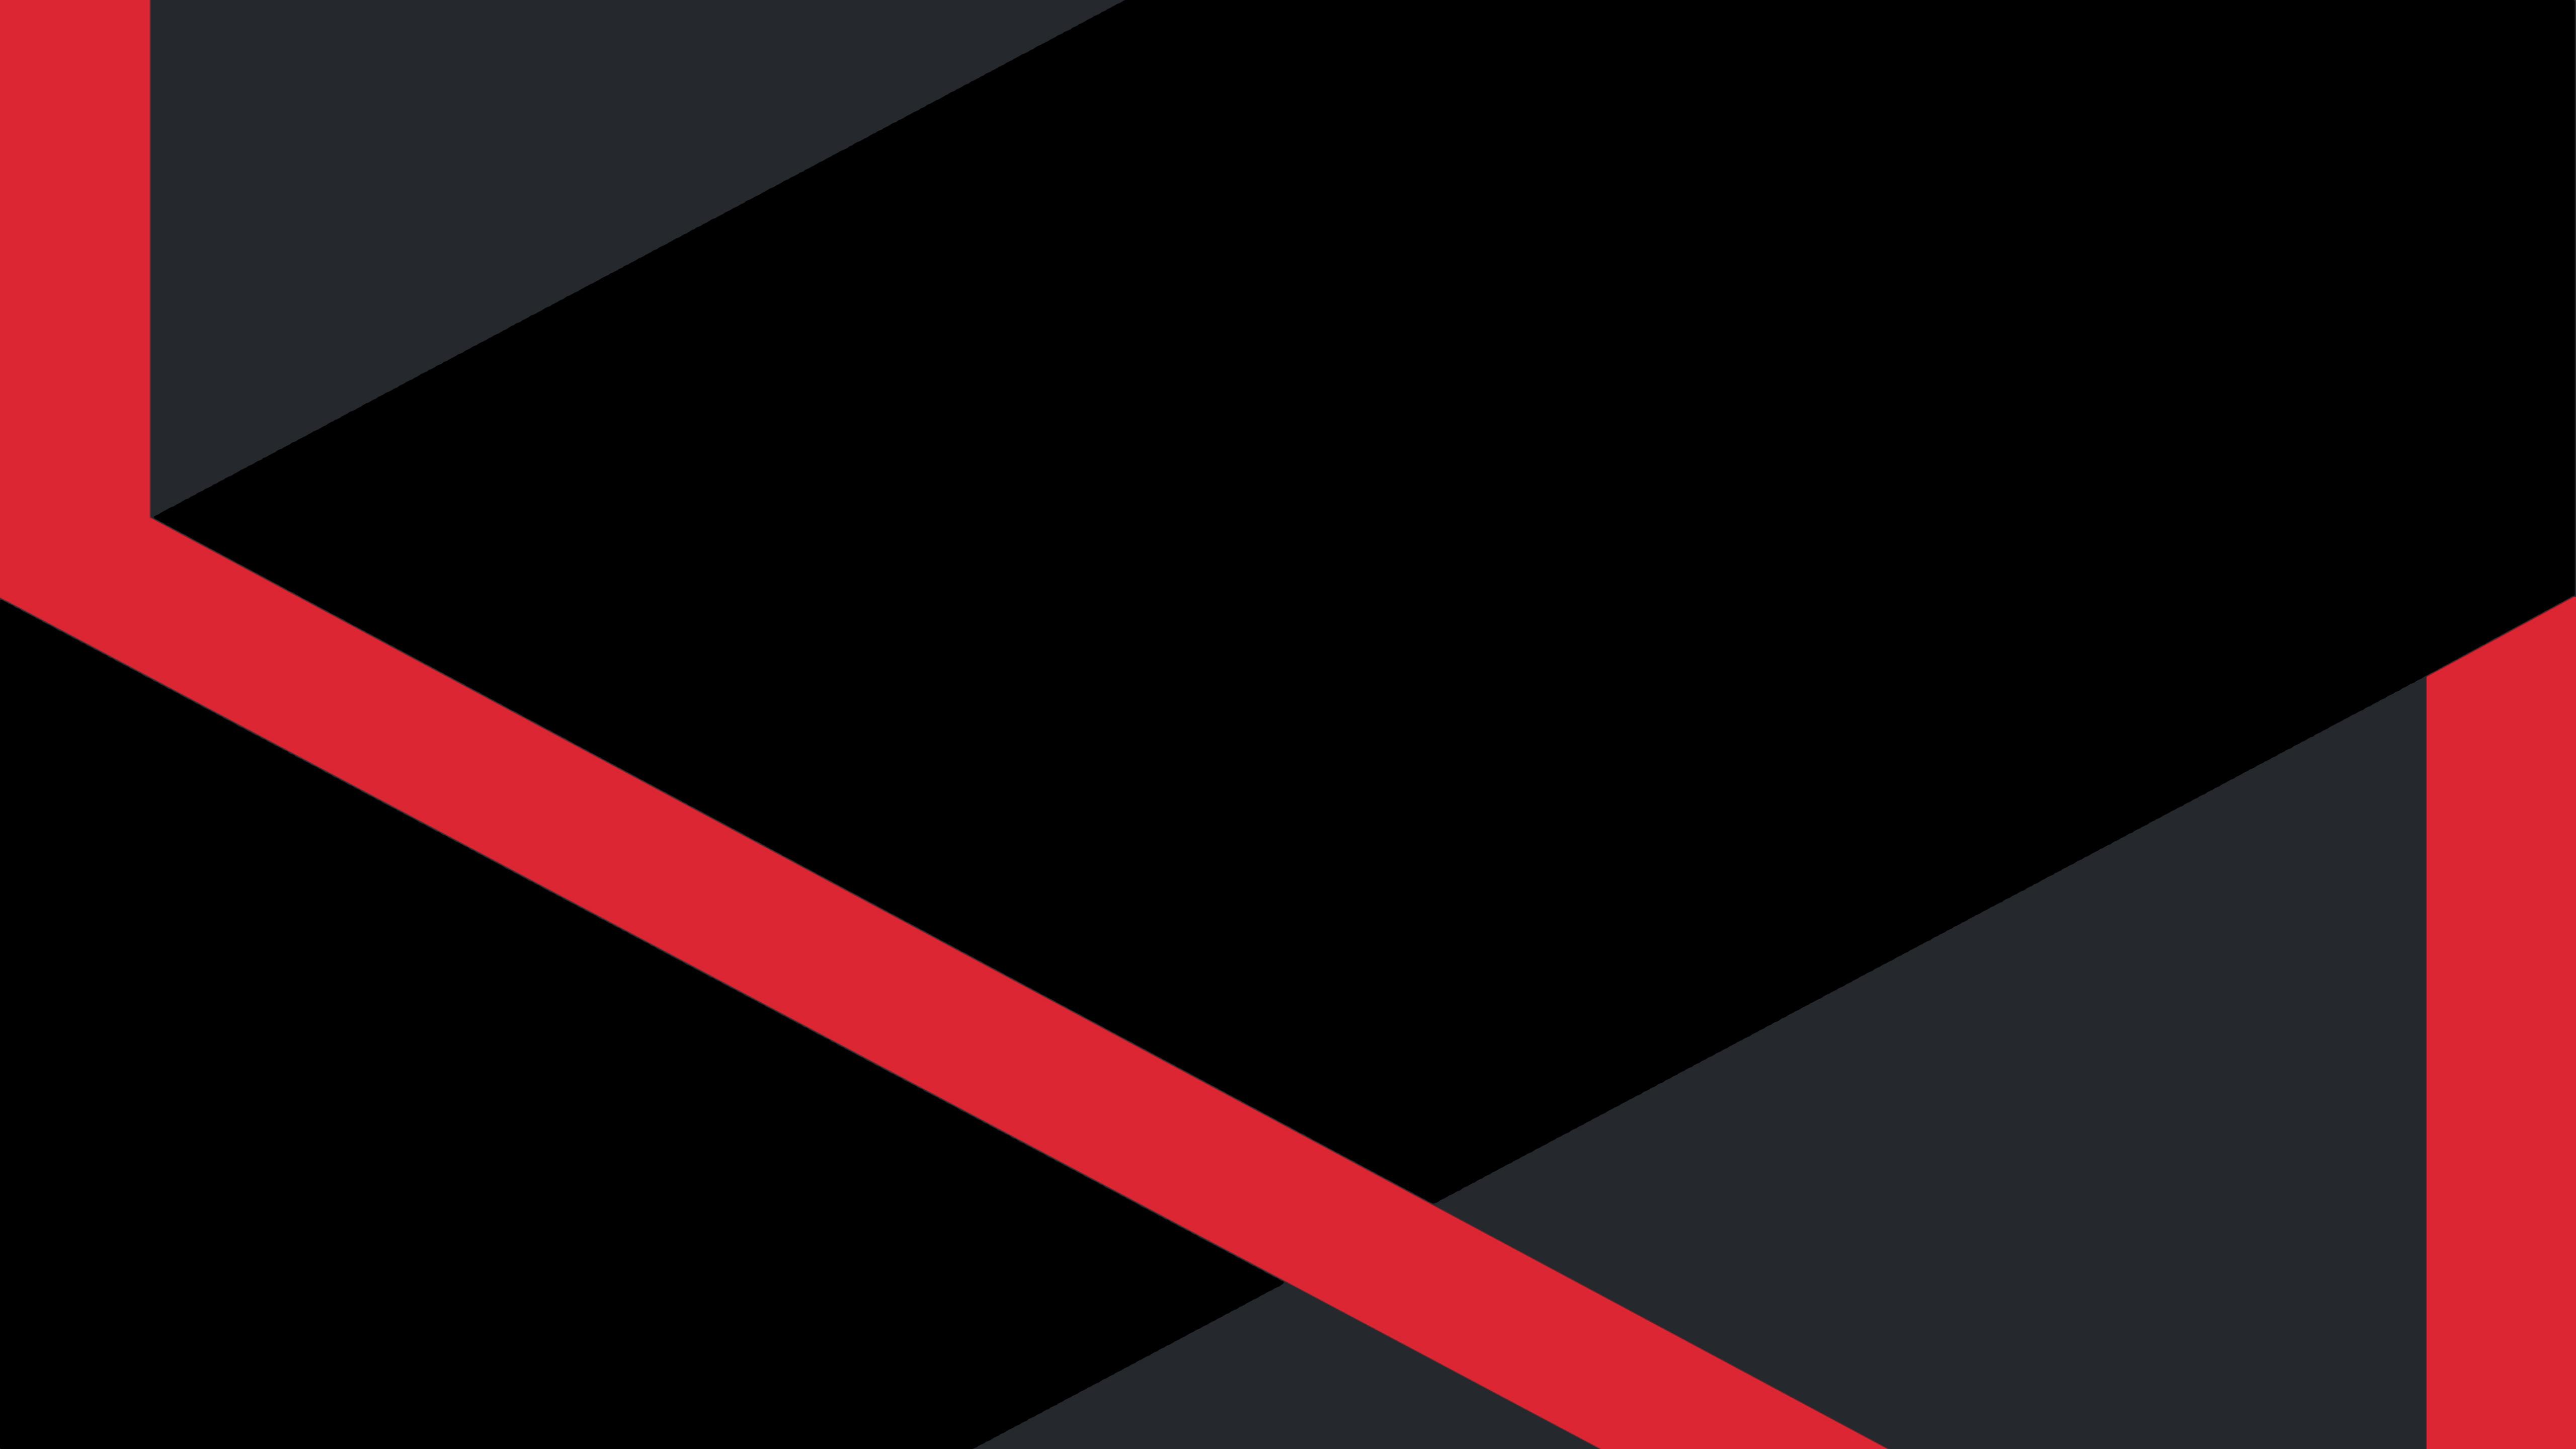 MKBHD Logo Black Background 5k